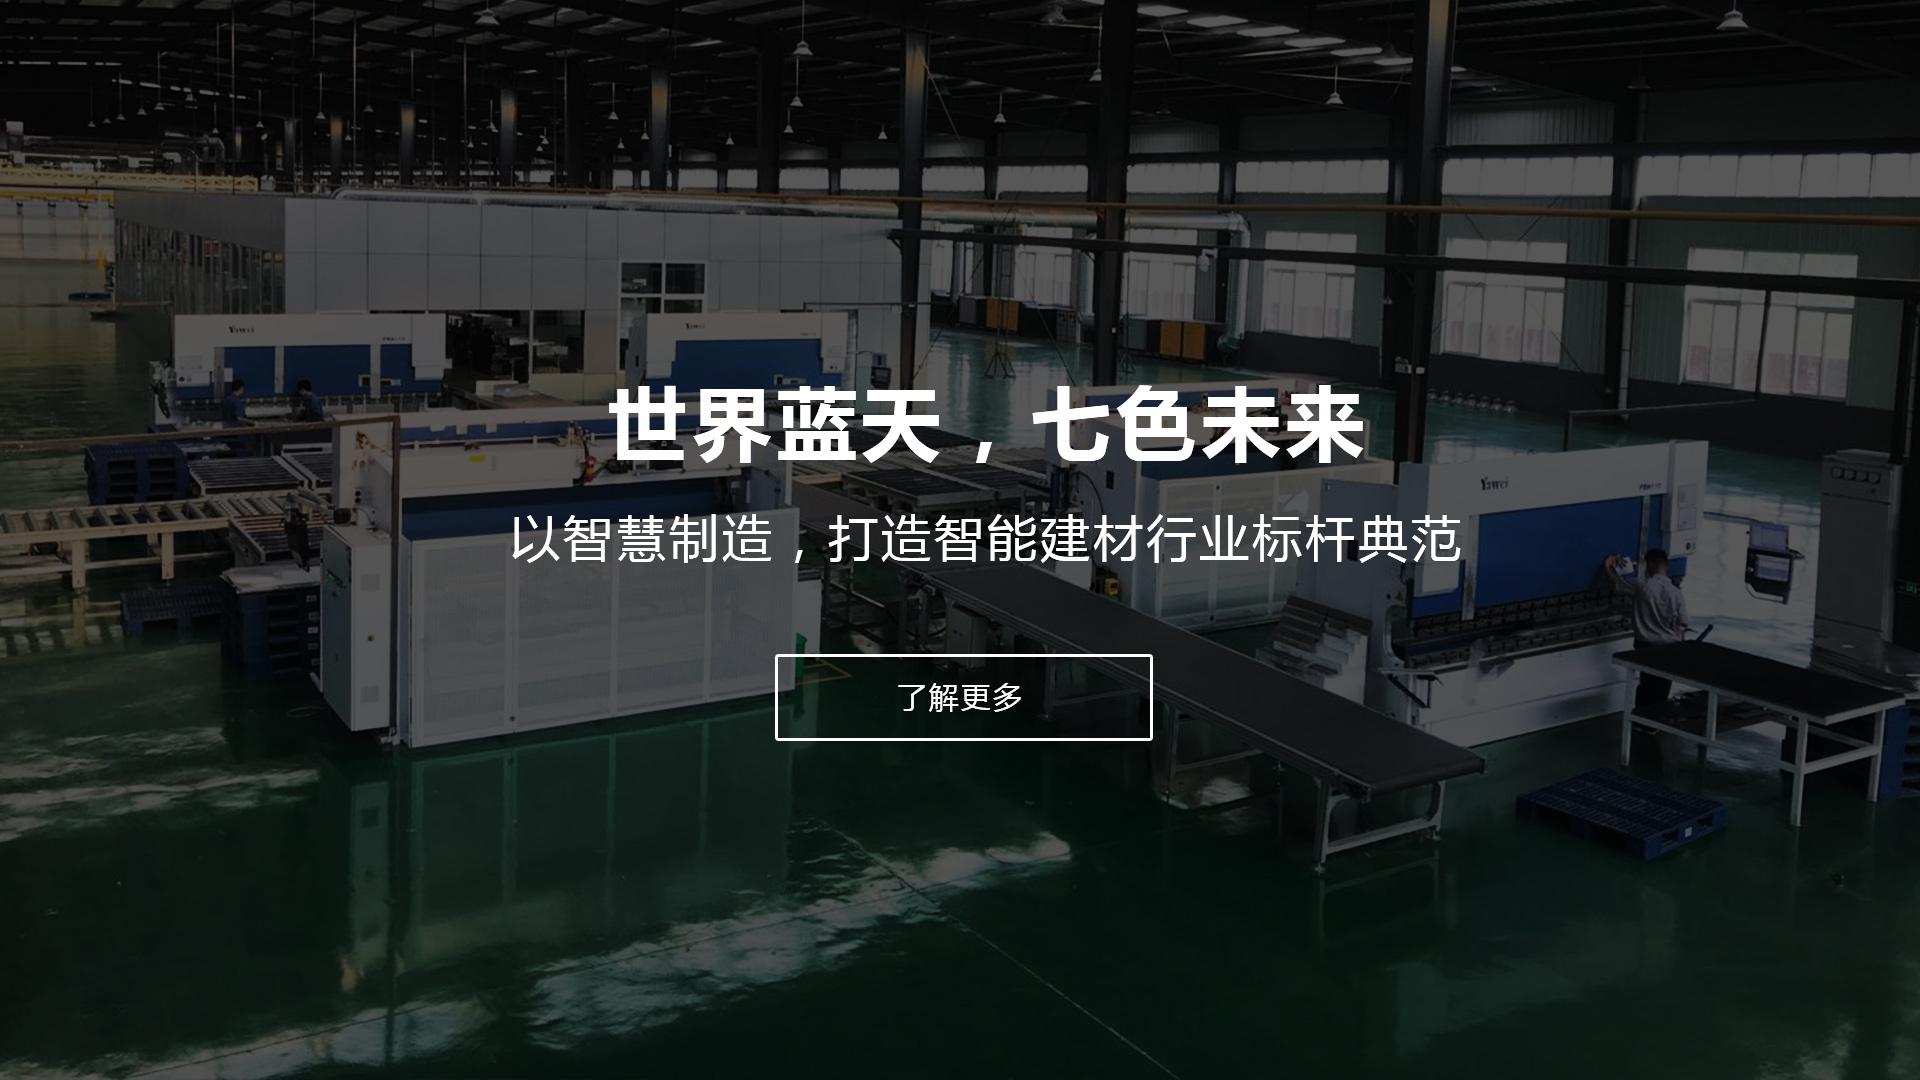 东阿蓝天七色建材有限公司